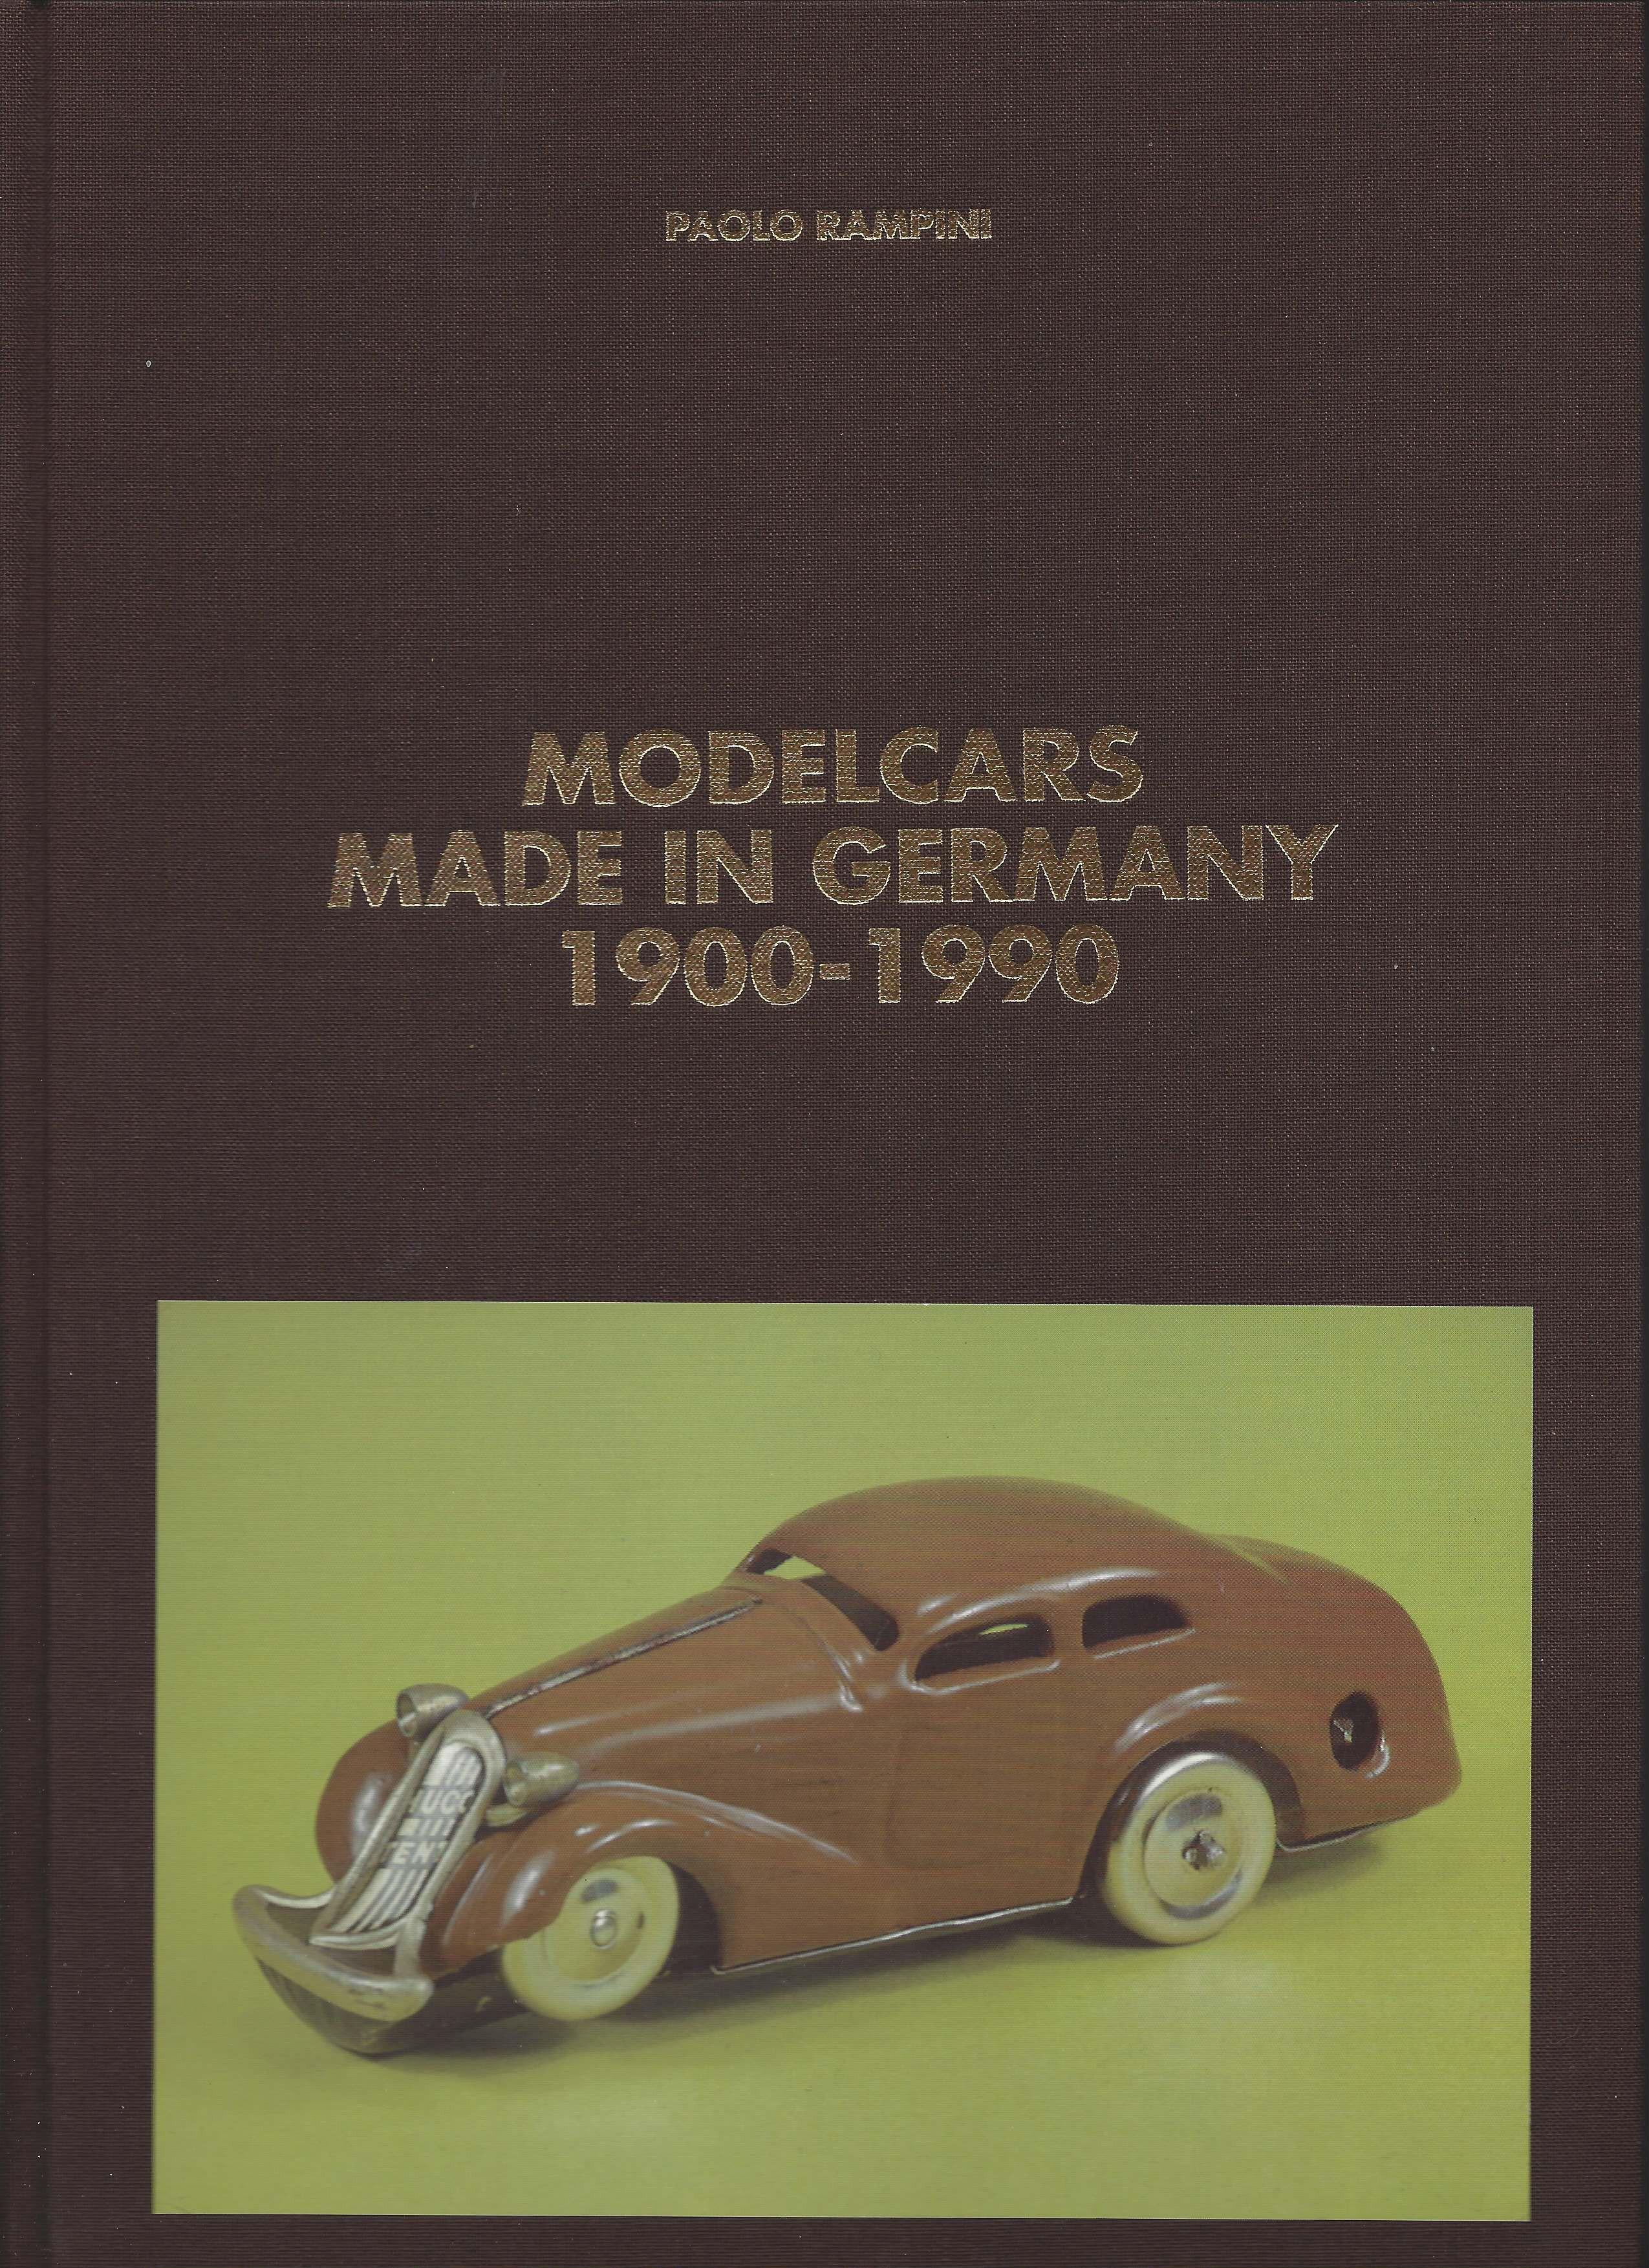 9 - Modelcars made in Germany 1900-1990, Milano, Edizioni Paolo Rampini, 1998